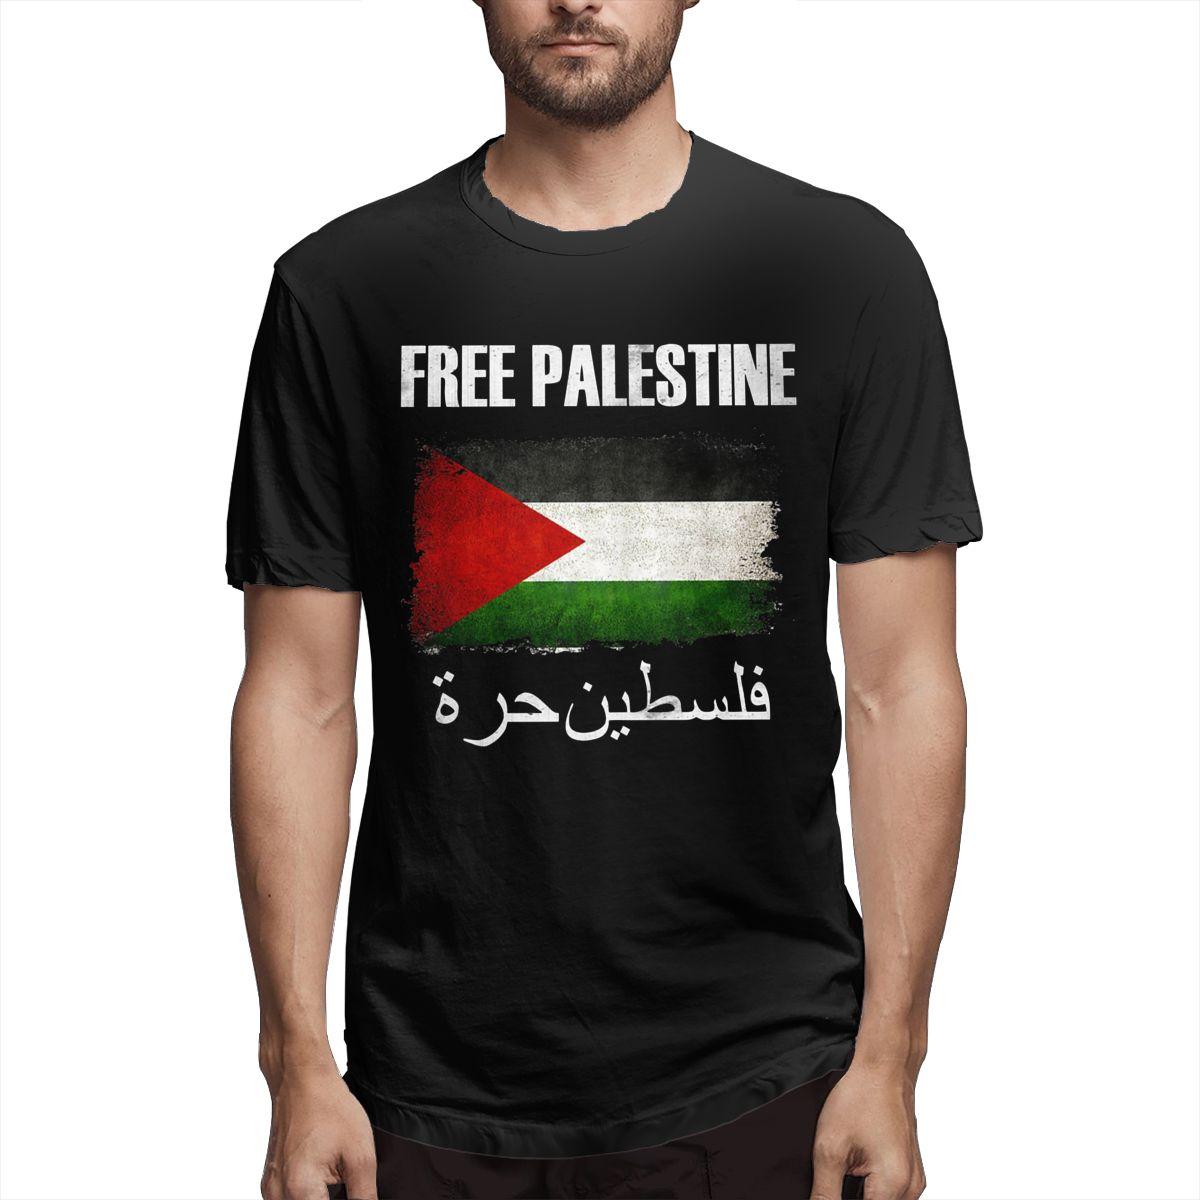 Свободная Палестина газе мужские стильные футболки для девочек футболки с короткими рукавами и круглым вырезом Футболка 100% хлопок; Уникаль...